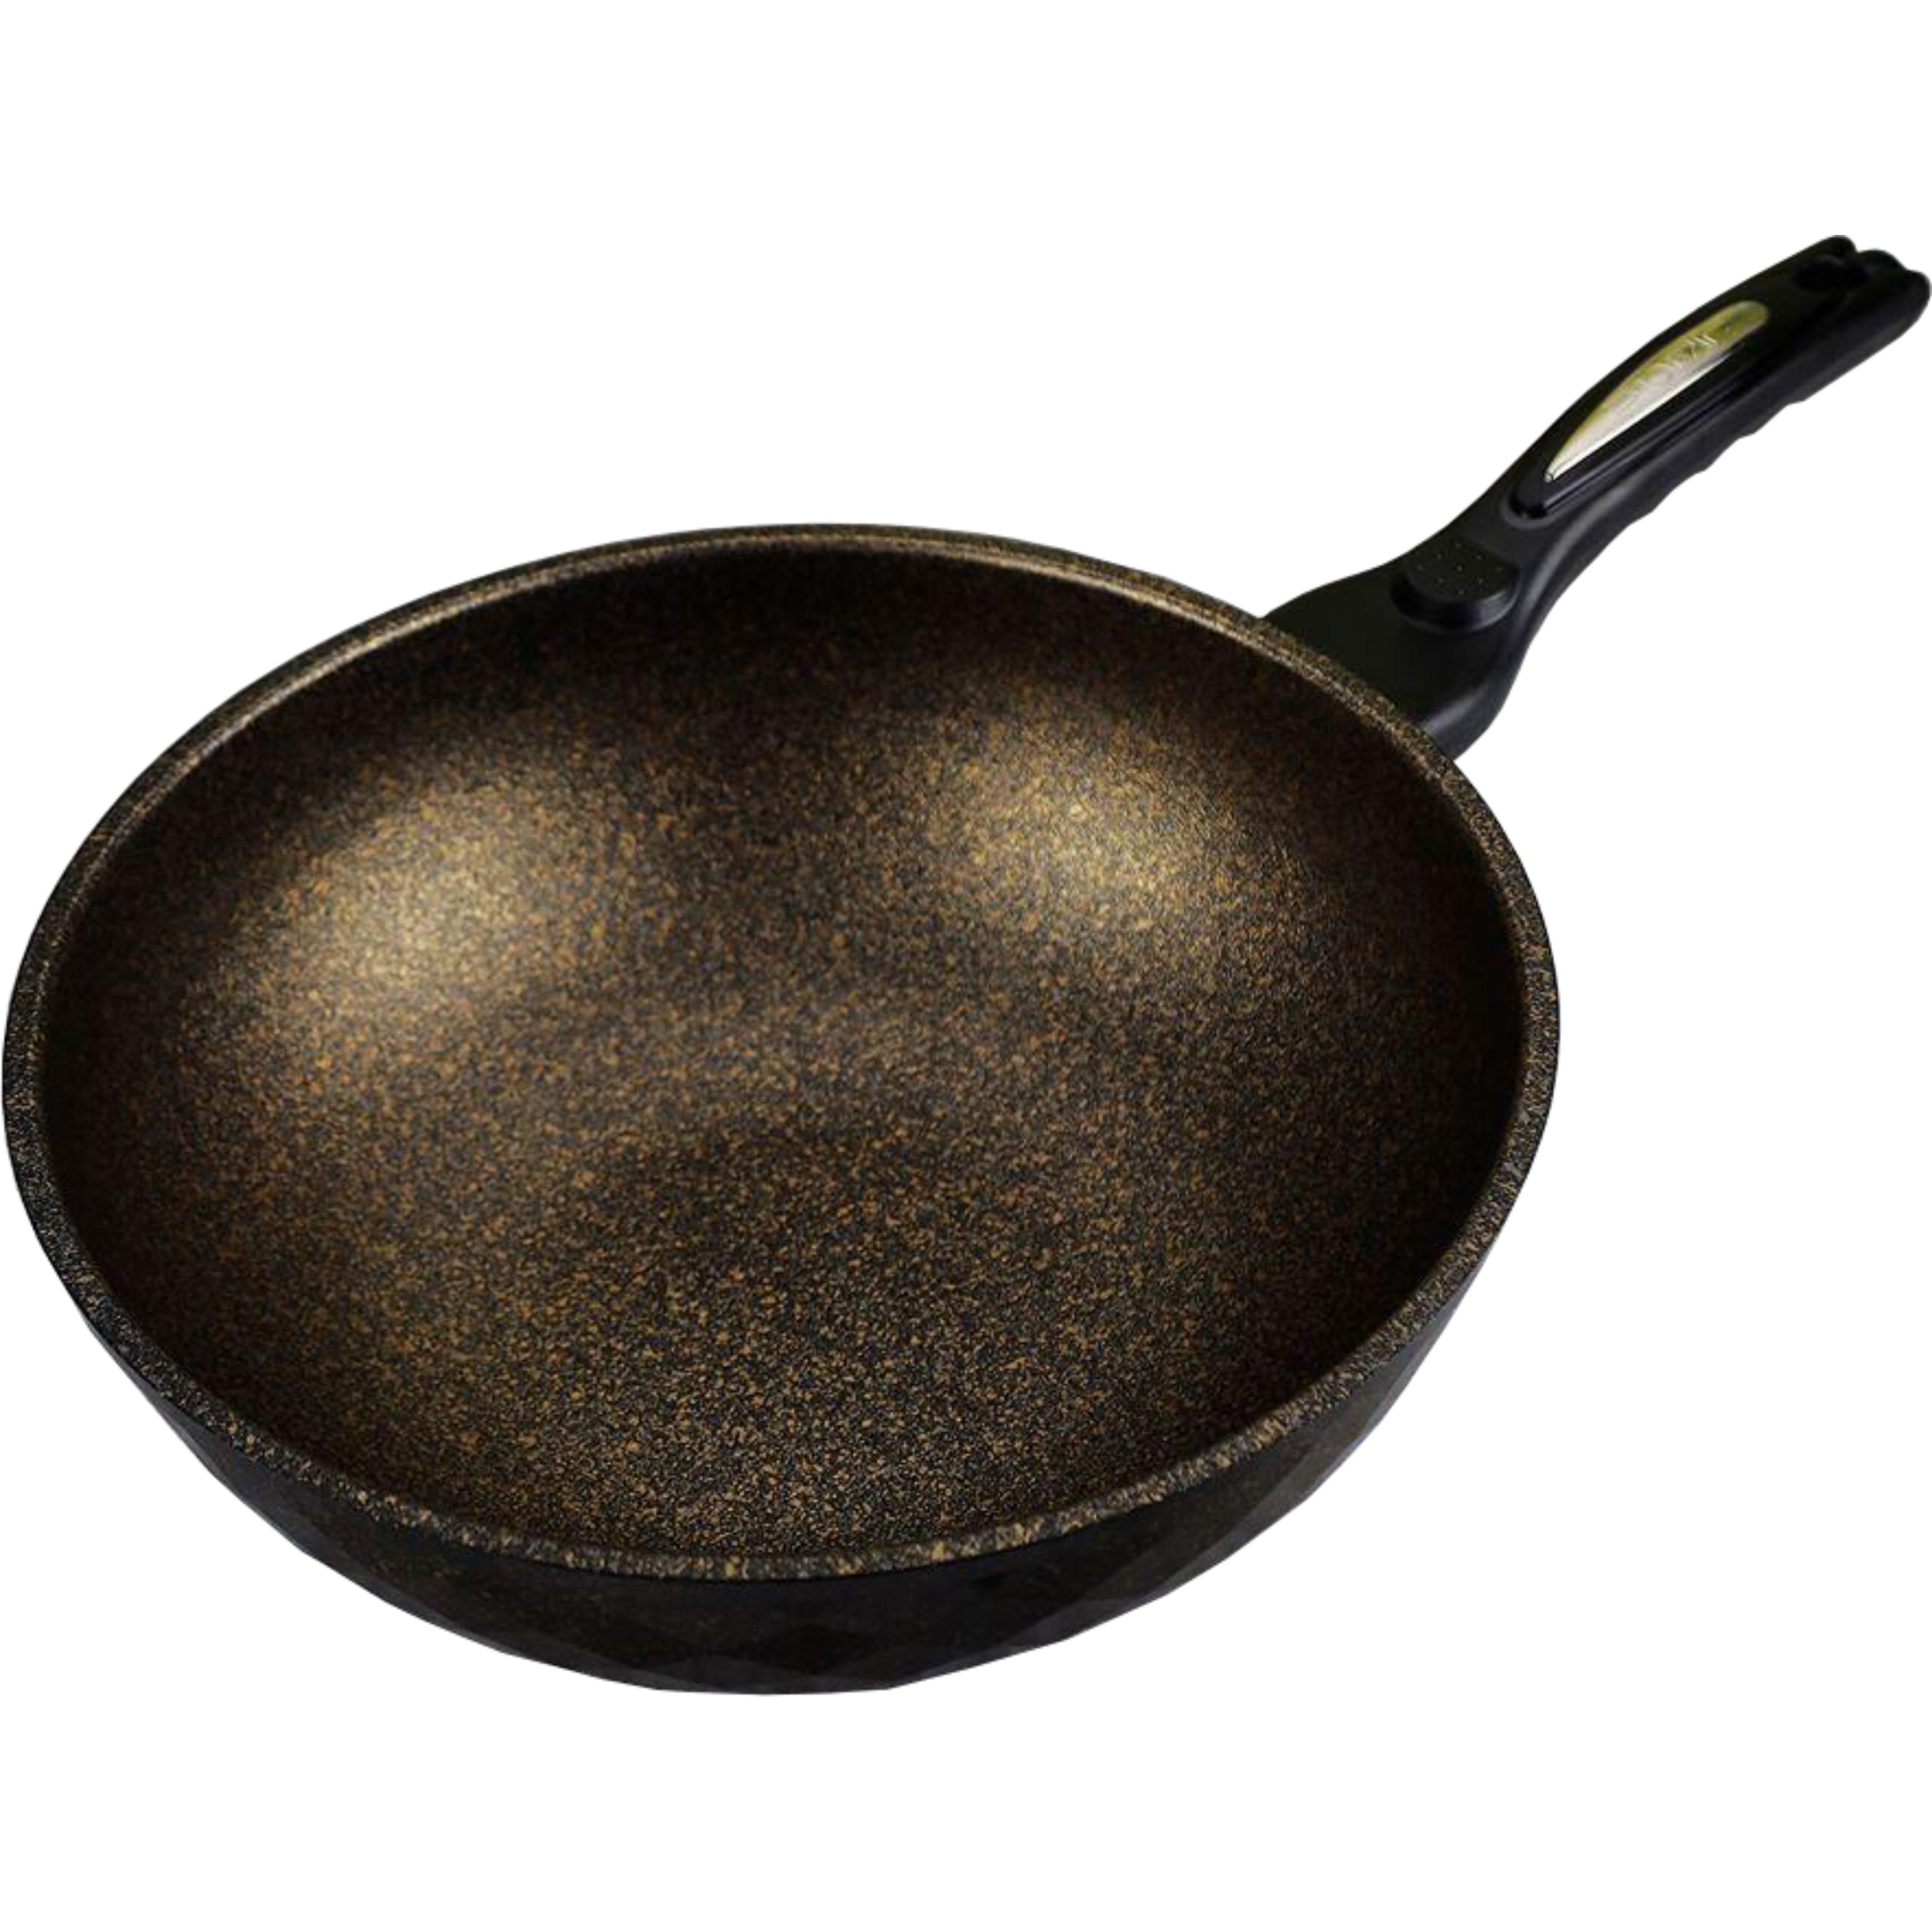 Chảo chống dính sâu lòng đá cẩm thạch  thương hiệu Kitchen Art size 28cm nhập khẩu Hàn Quốc dùng cho mọi loại bếp kể cả bếp từ